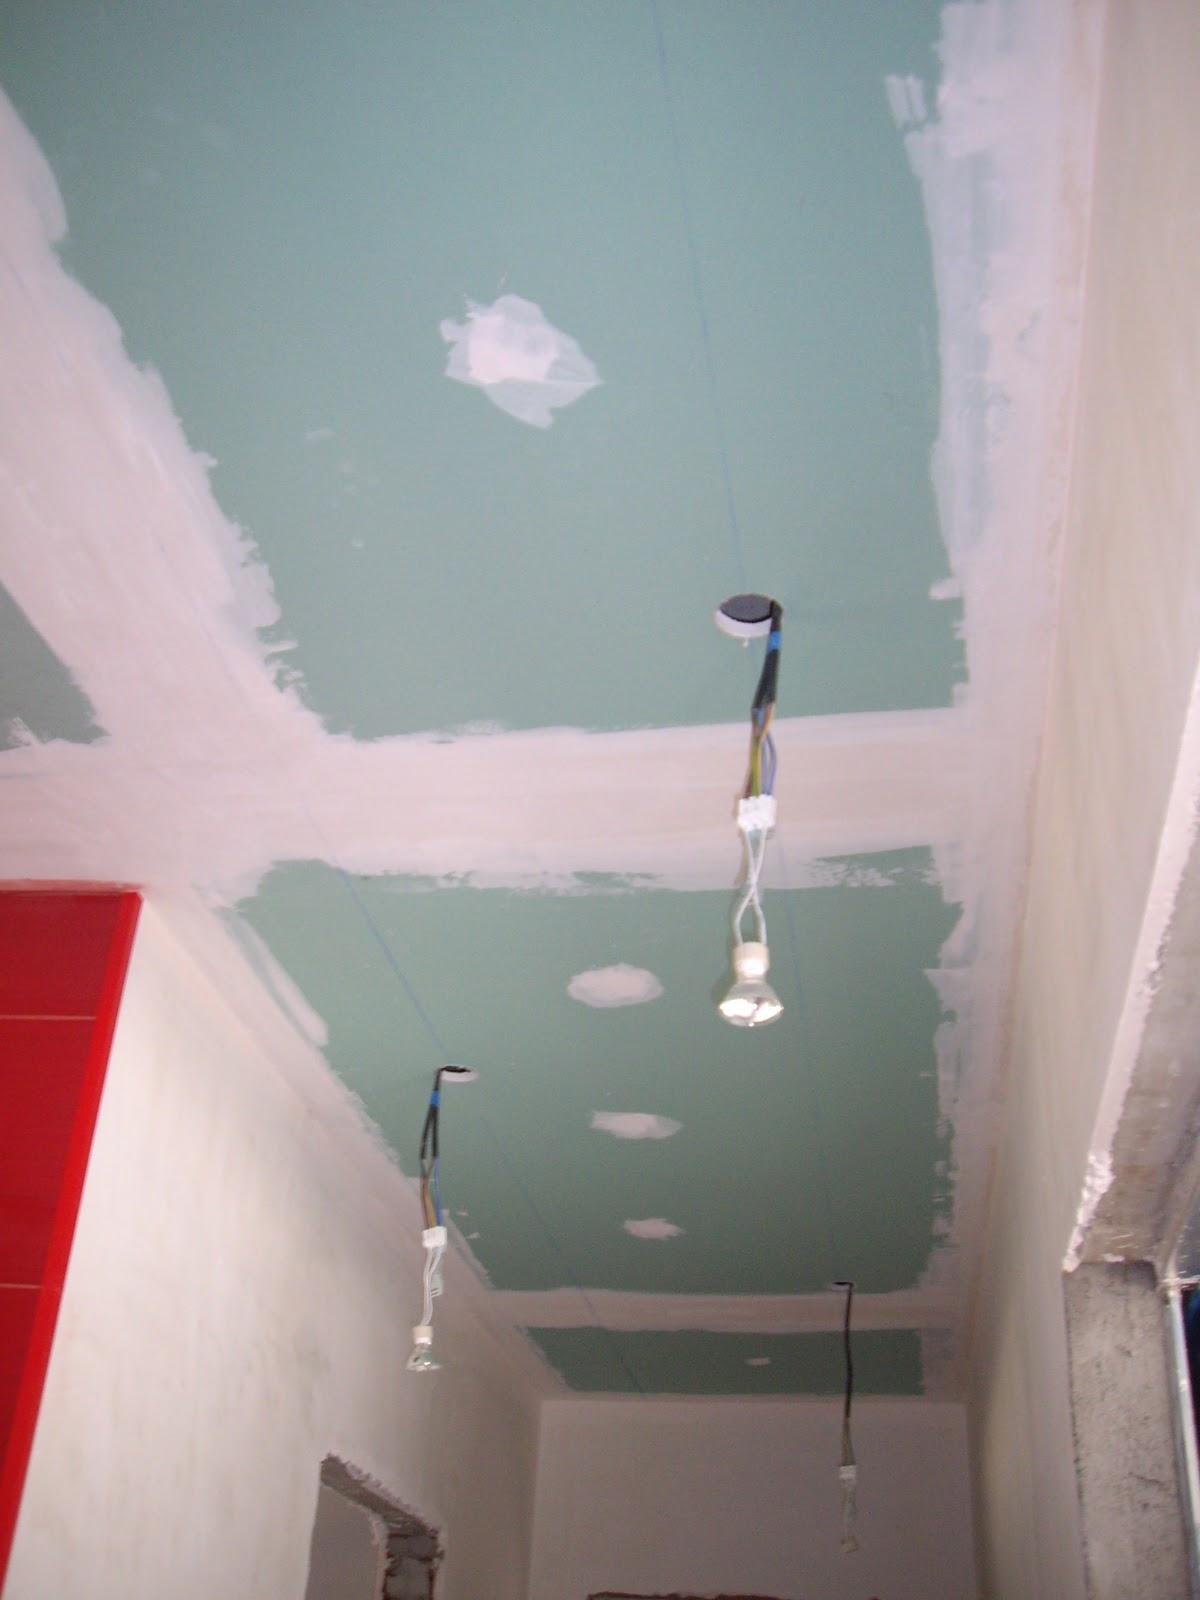 Mpr s ria d suc sso constru o remodela o e reabilita o urbana pladur na cozinha nas - Casas de pladur ...